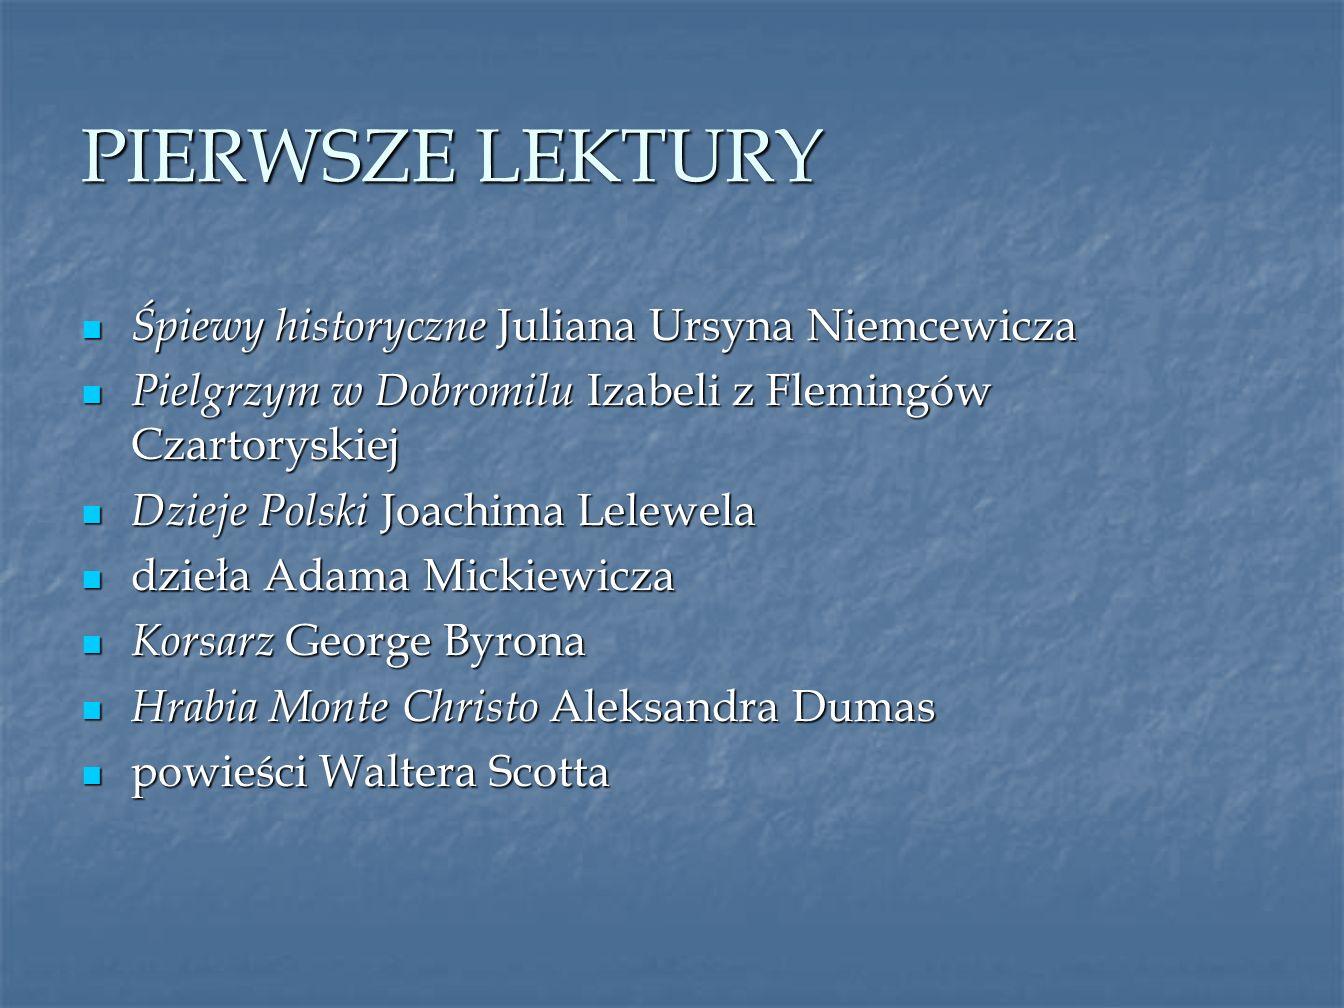 Wykształcenie zdobywał na uniwersytetach w Moskwie (1854-1858), Dorpacie (1858-1860), Wykształcenie zdobywał na uniwersytetach w Moskwie (1854-1858), Dorpacie (1858-1860), Lwowie (1872-1873) Lwowie (1872-1873) Otrzymał tytuł doktora honoris causa Uniwersytetu Jana Kazimierza we Lwowie i Uniwersytetu Warszawskiego Otrzymał tytuł doktora honoris causa Uniwersytetu Jana Kazimierza we Lwowie i Uniwersytetu Warszawskiego Był honorowym członkiem Polskiego Towarzystwa Historycznego Był honorowym członkiem Polskiego Towarzystwa Historycznego UCZONY